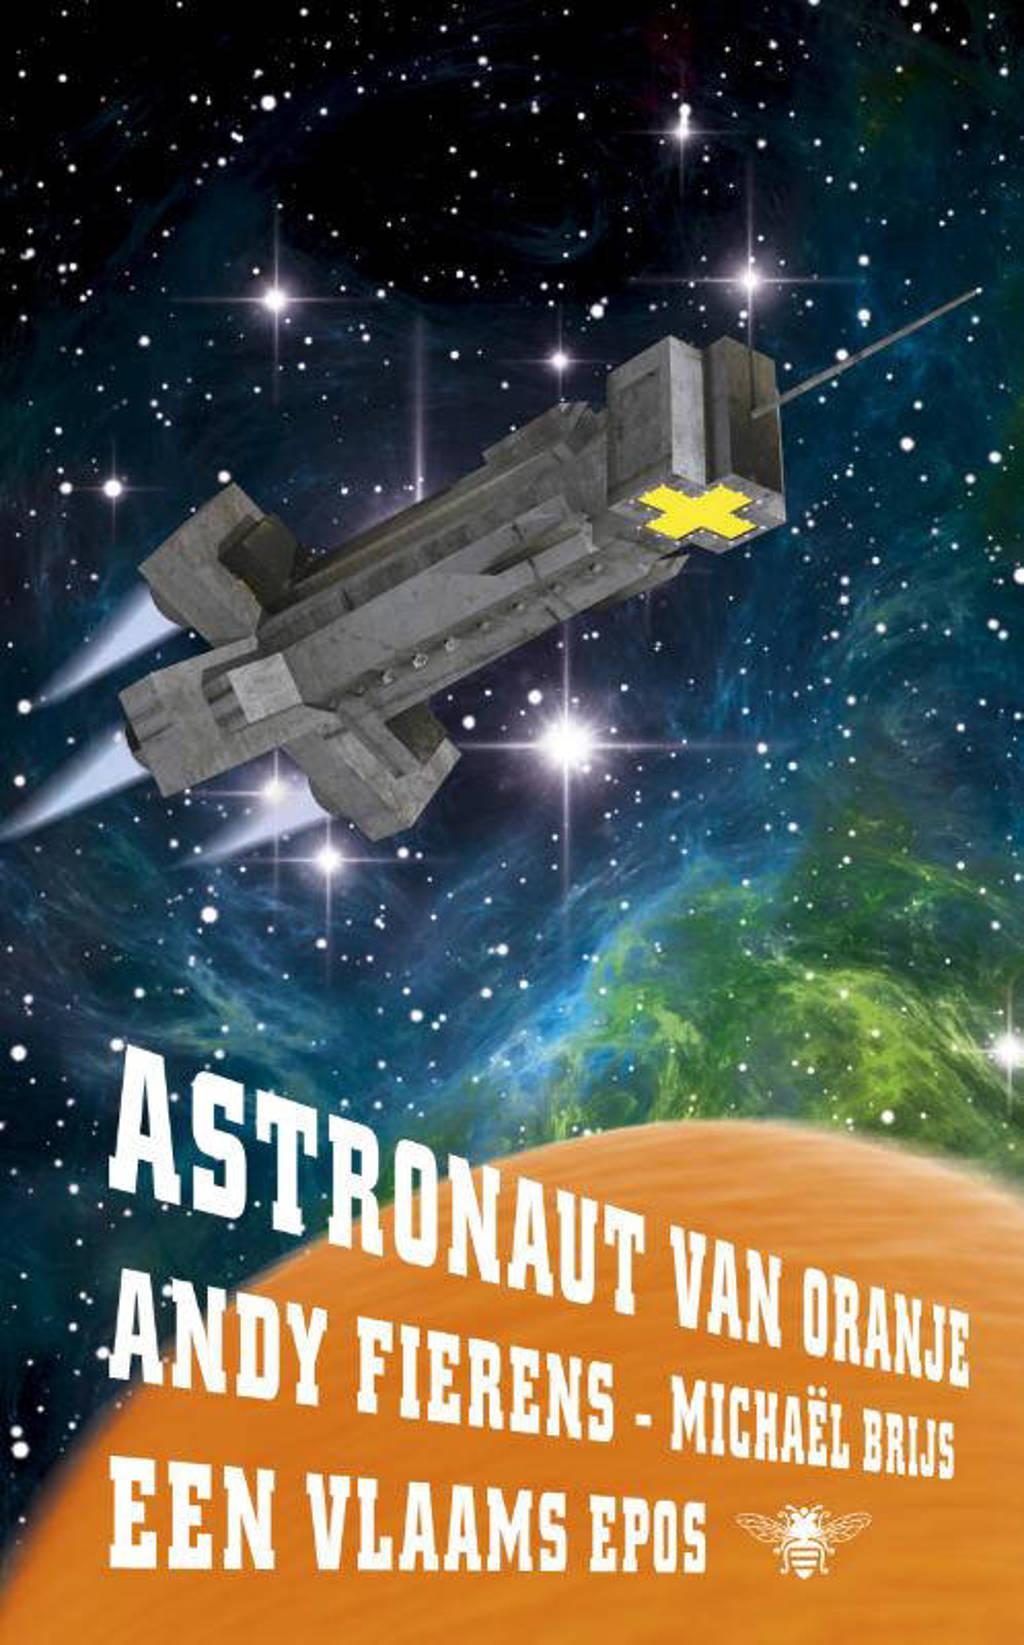 Astronaut van Oranje - Andy Fierens en Michaël Brijs